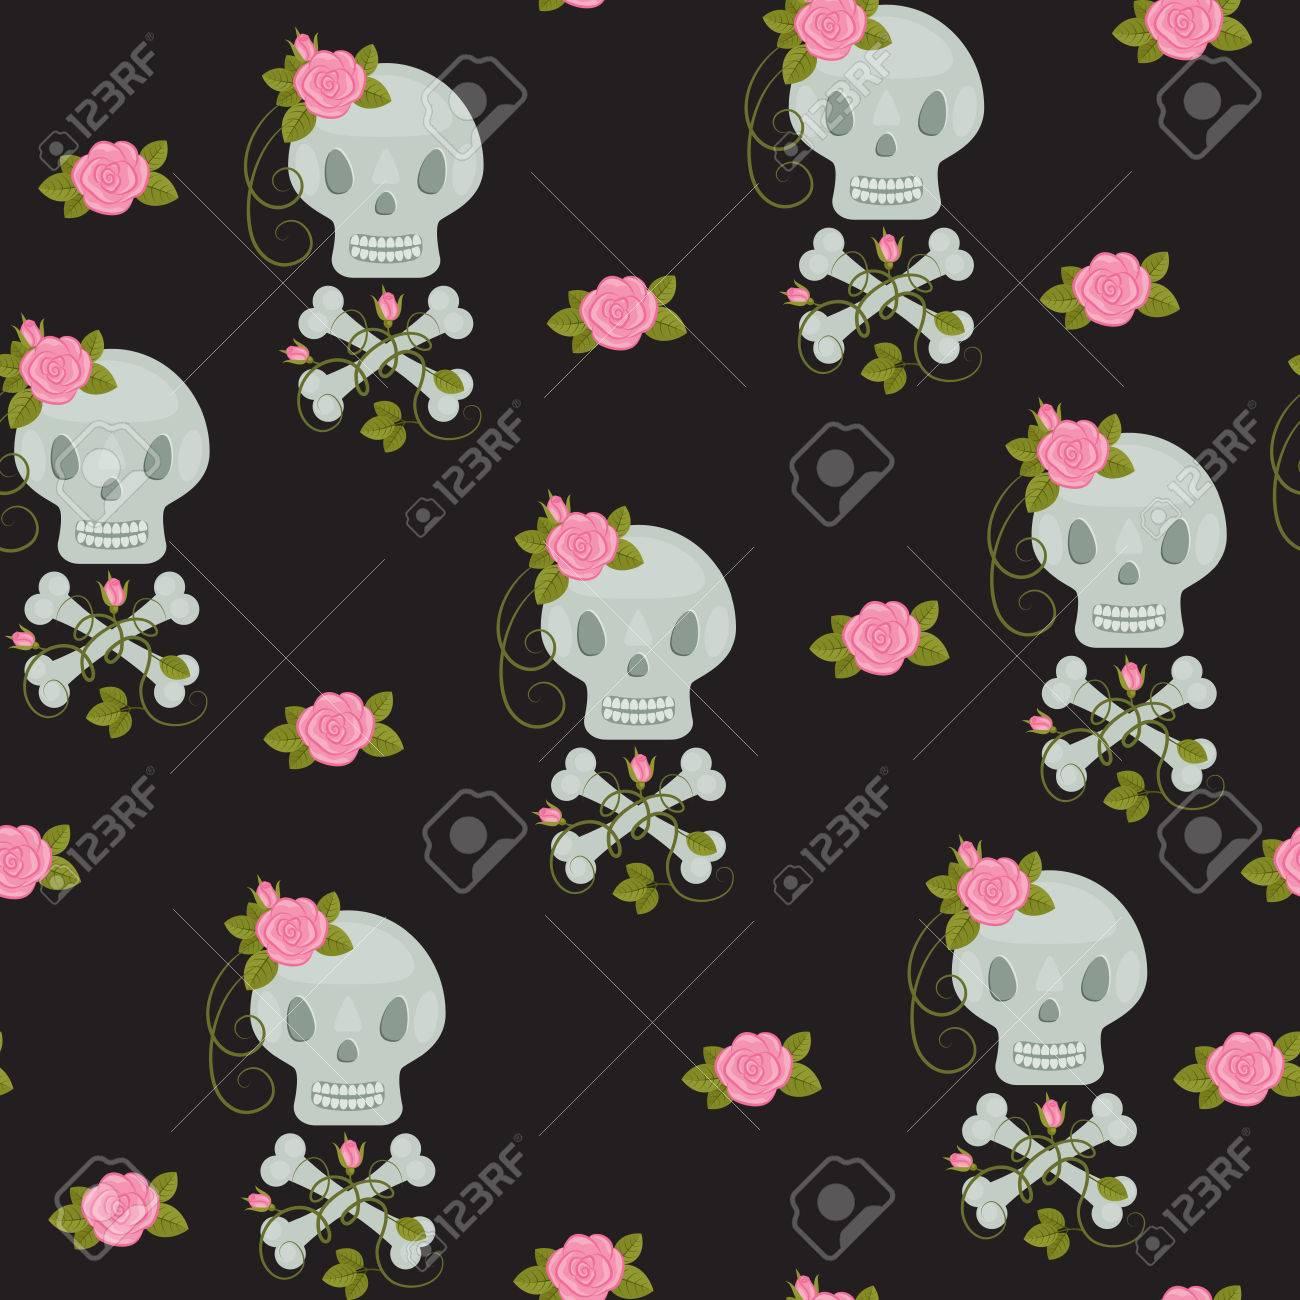 バラと骨のシームレスな壁紙とスカルします のイラスト素材 ベクタ